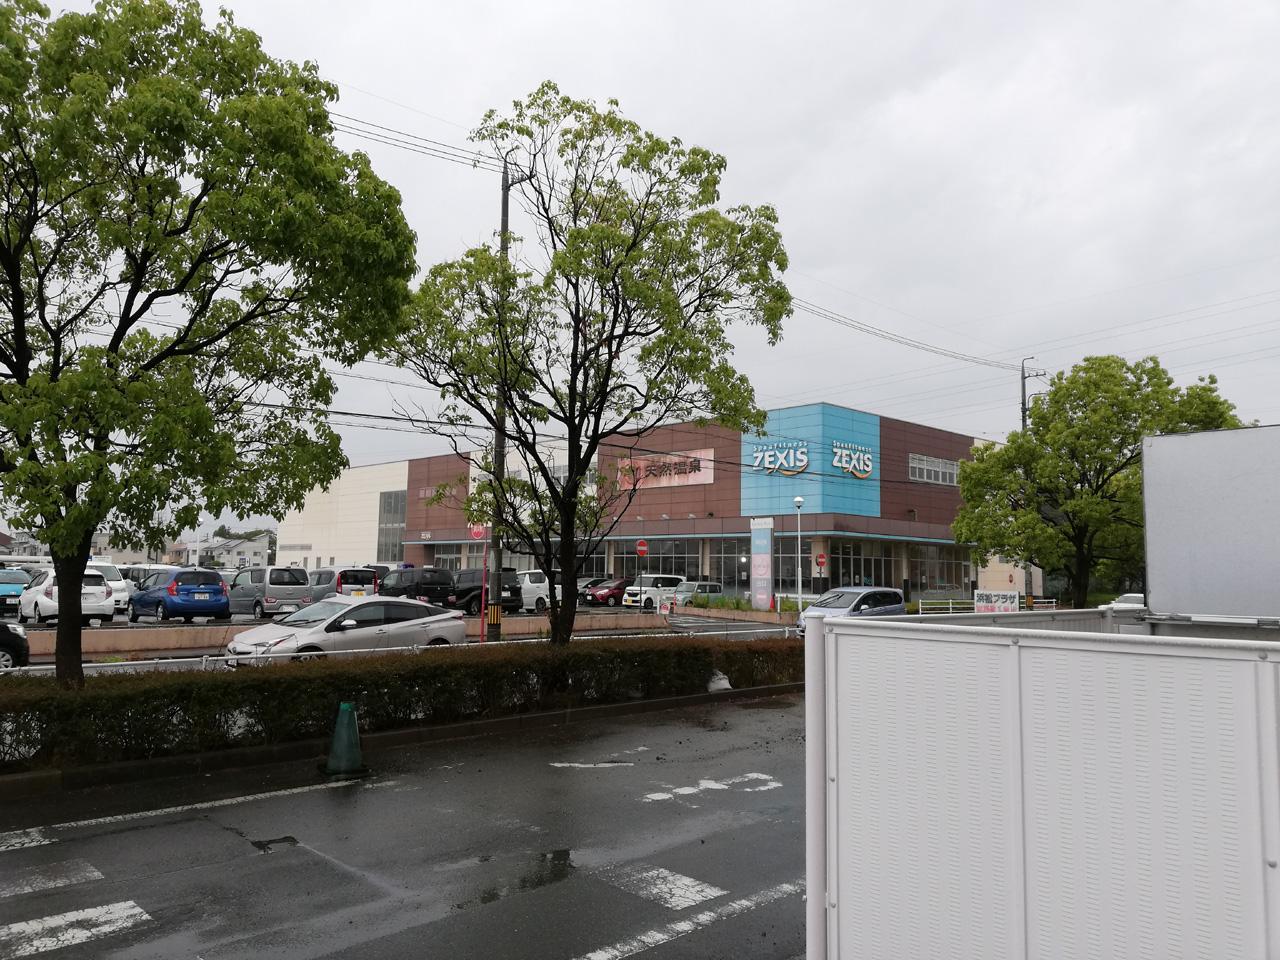 ゼクシス浜松をフレスポ側から見た画像